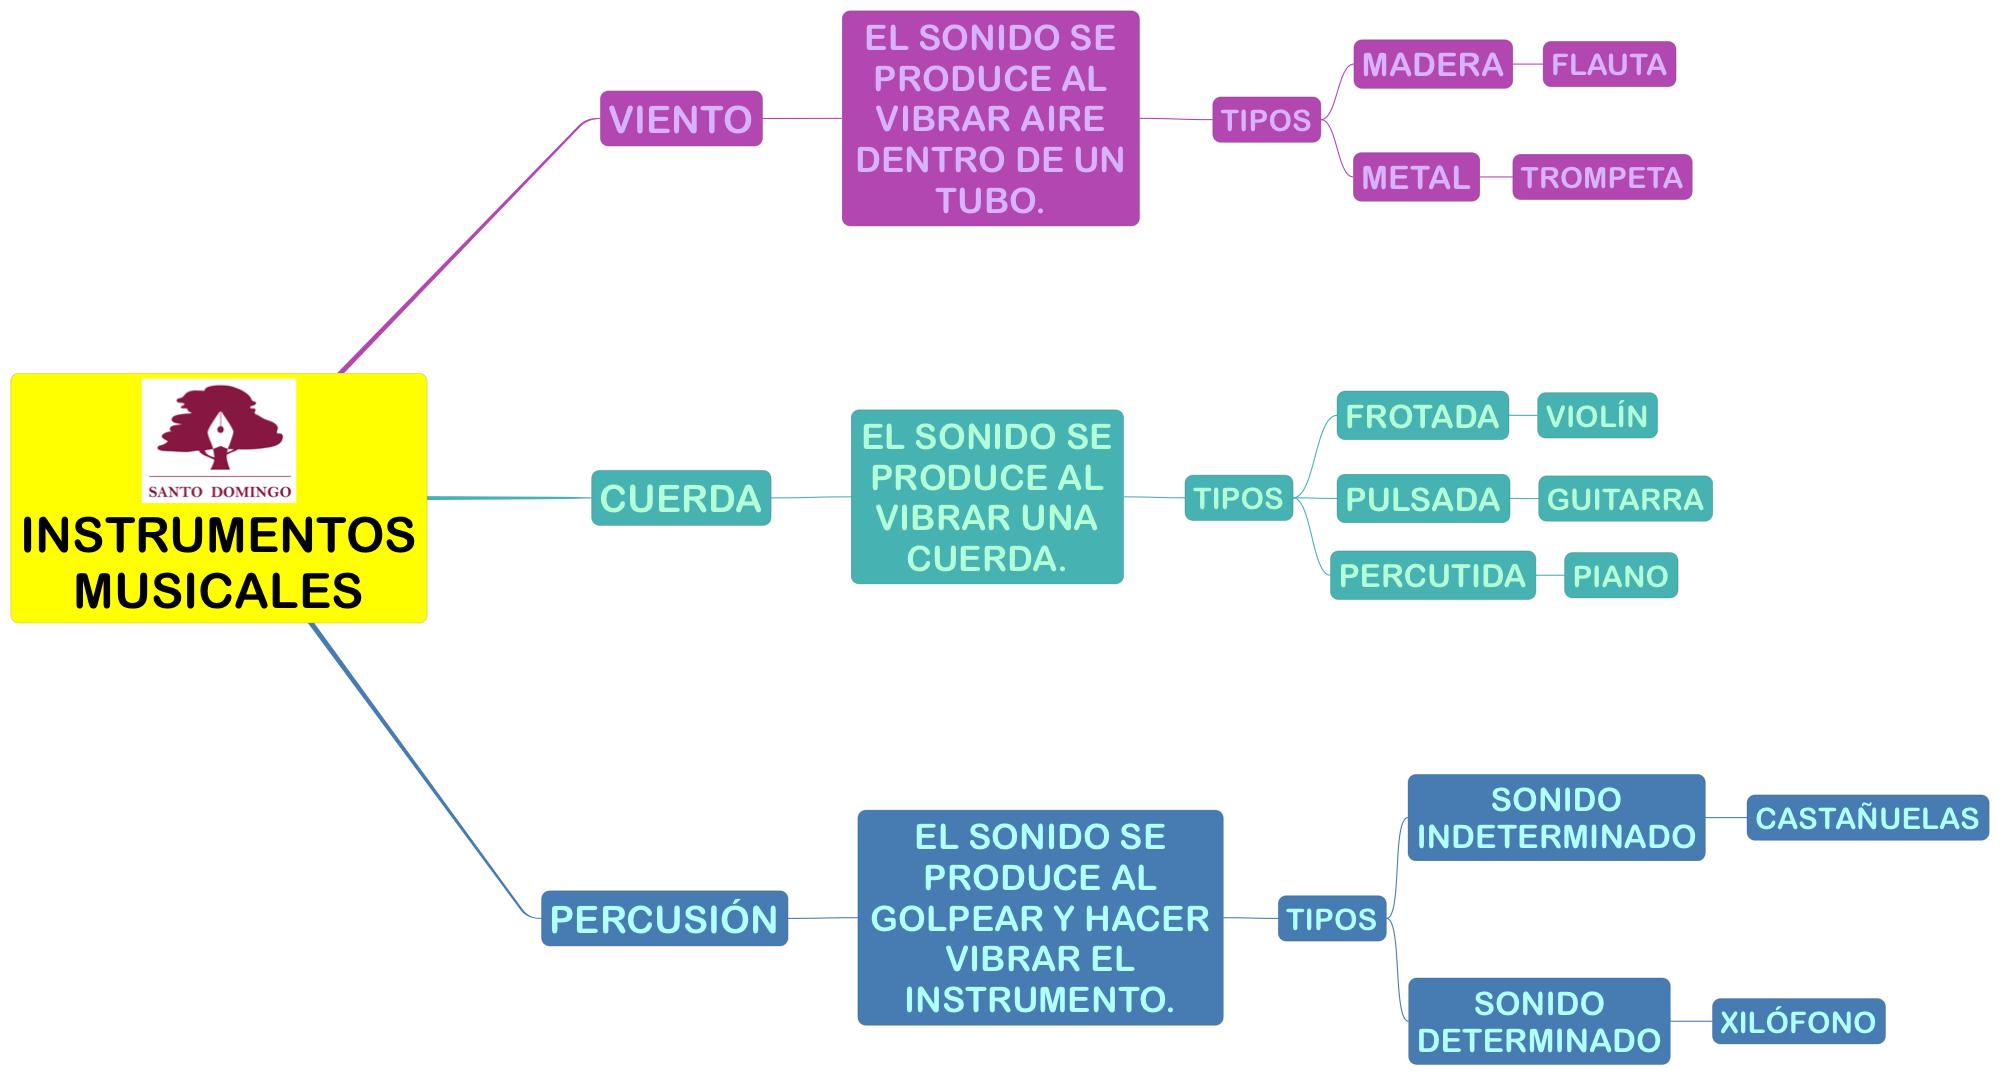 MÚSICA_FAMILIAS DE INSTRUMENTOS_04